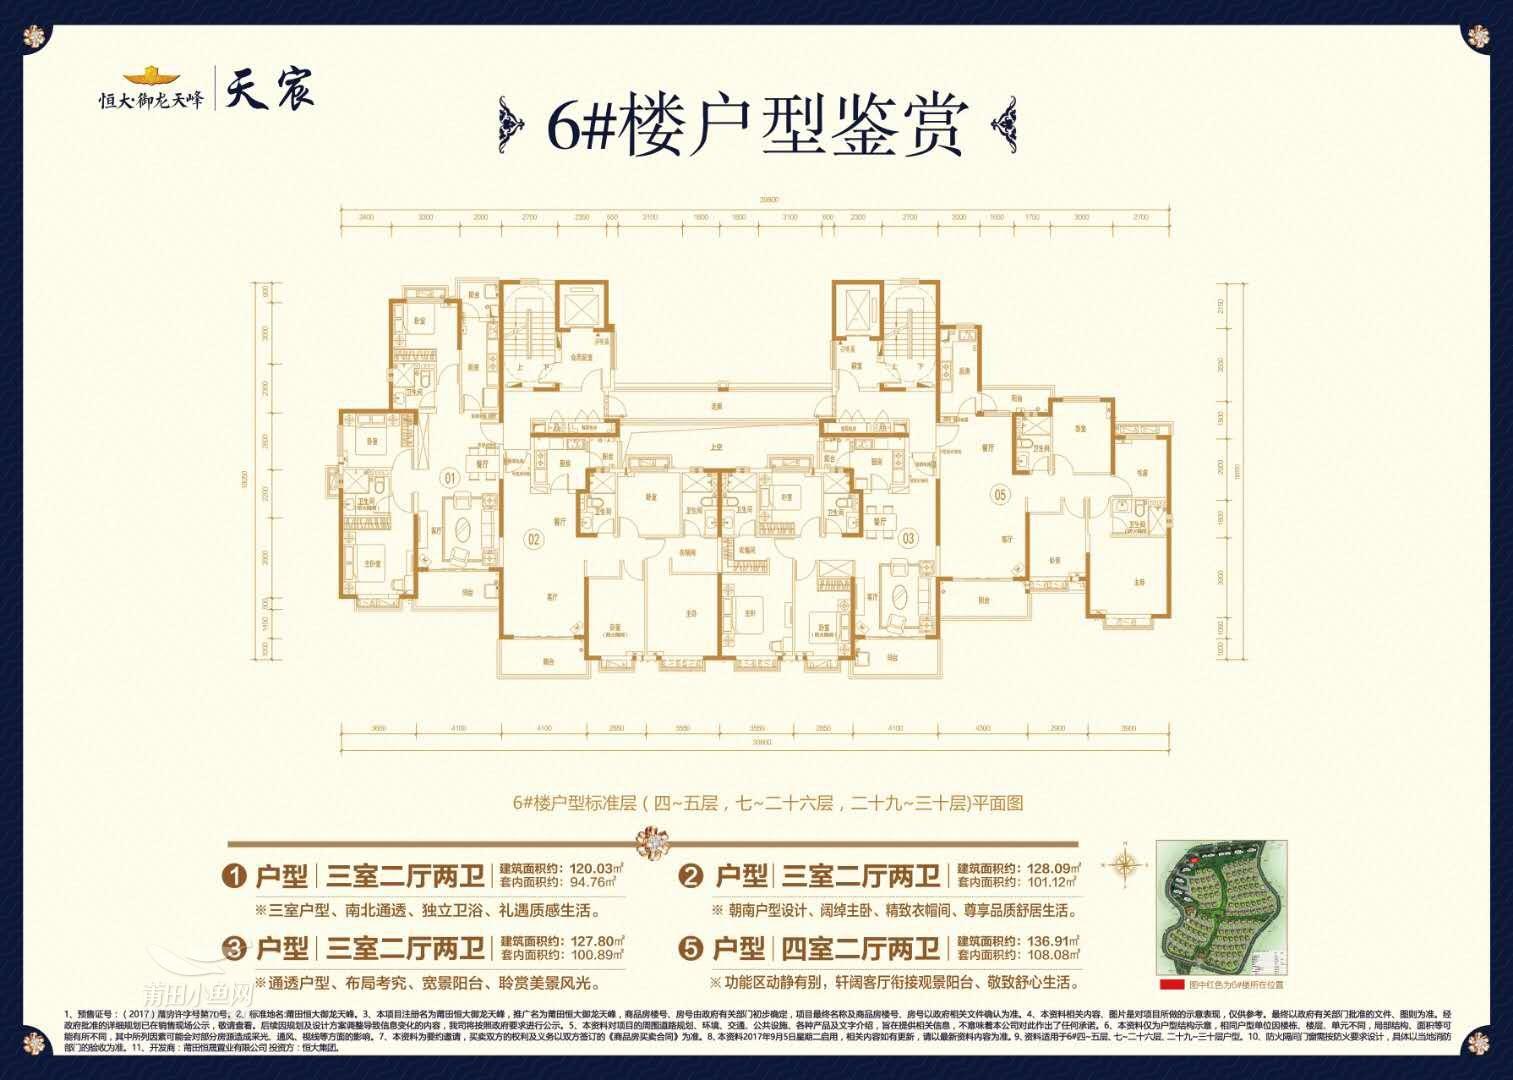 6#楼结构分布图